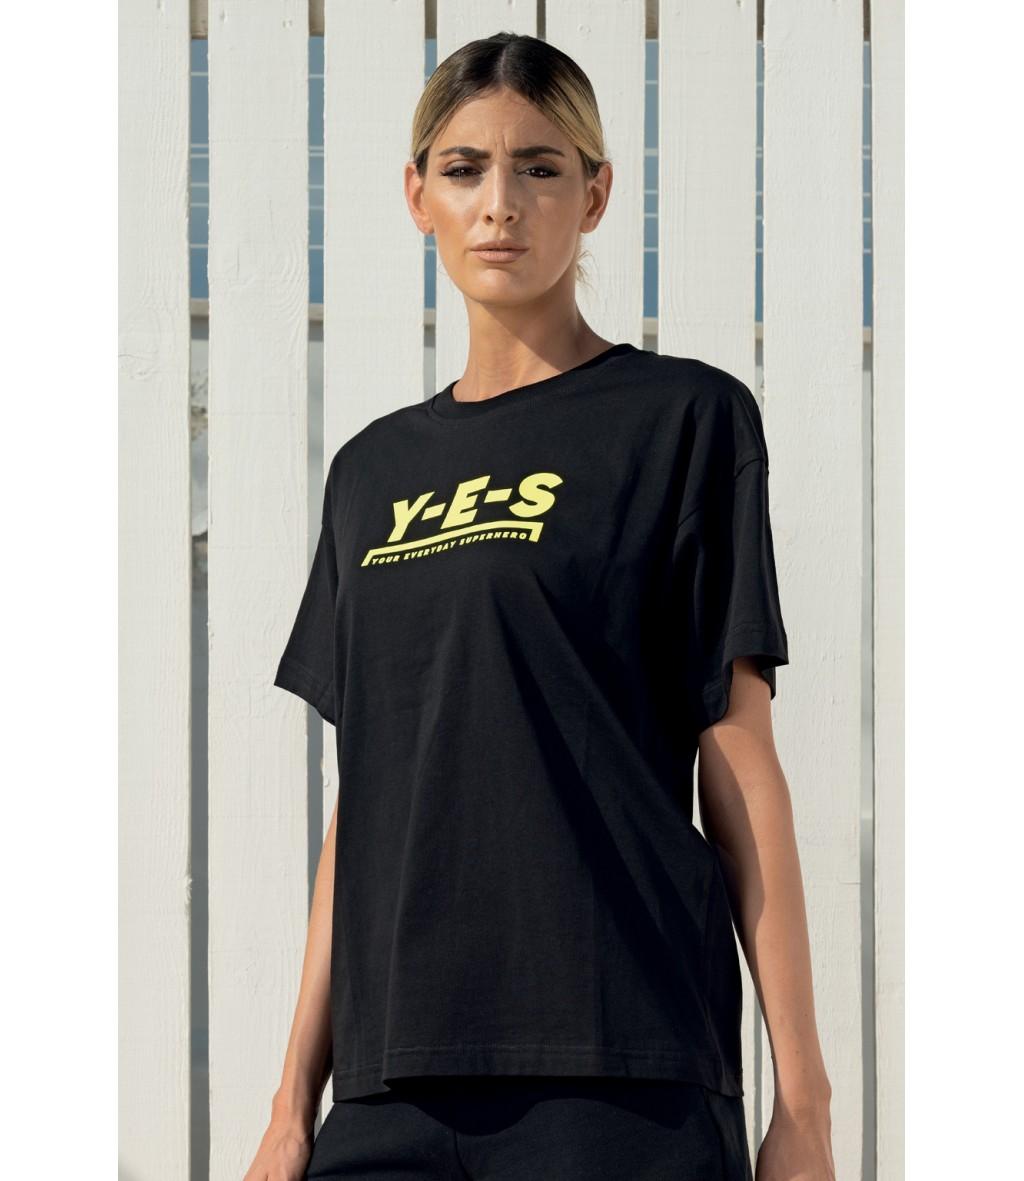 La t-shirt girocollo da donna in puro cotone nero con logo giallo fluo di Yes Your Everyday Superhero.